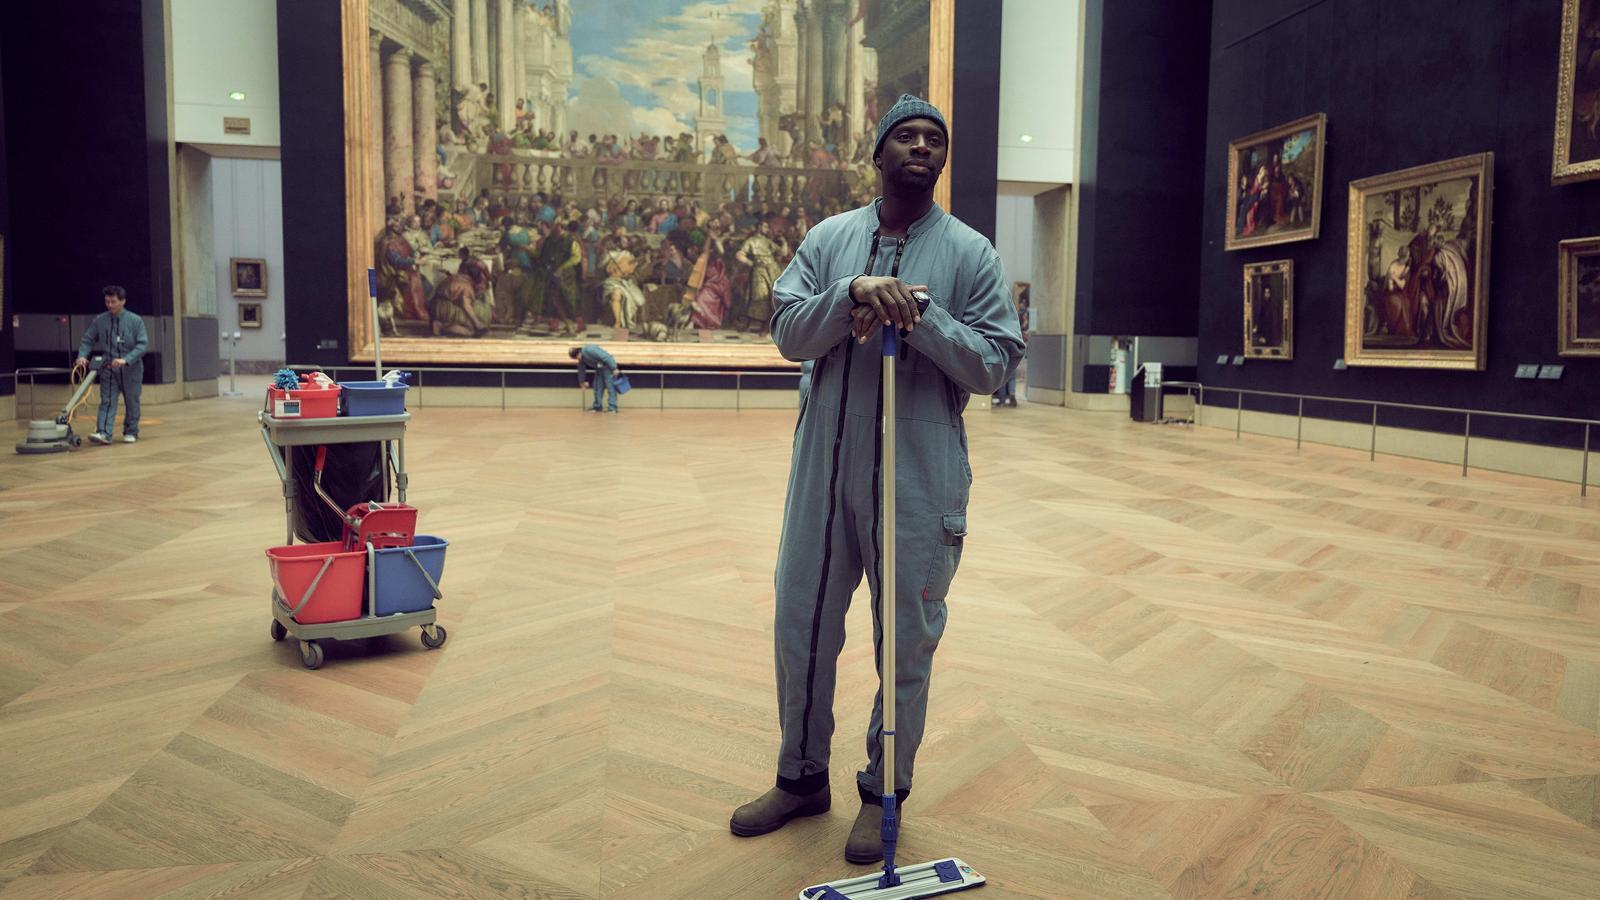 L'actor Omar Sy al Museu del Louvre en una escena de la sèrie 'Lupin'.